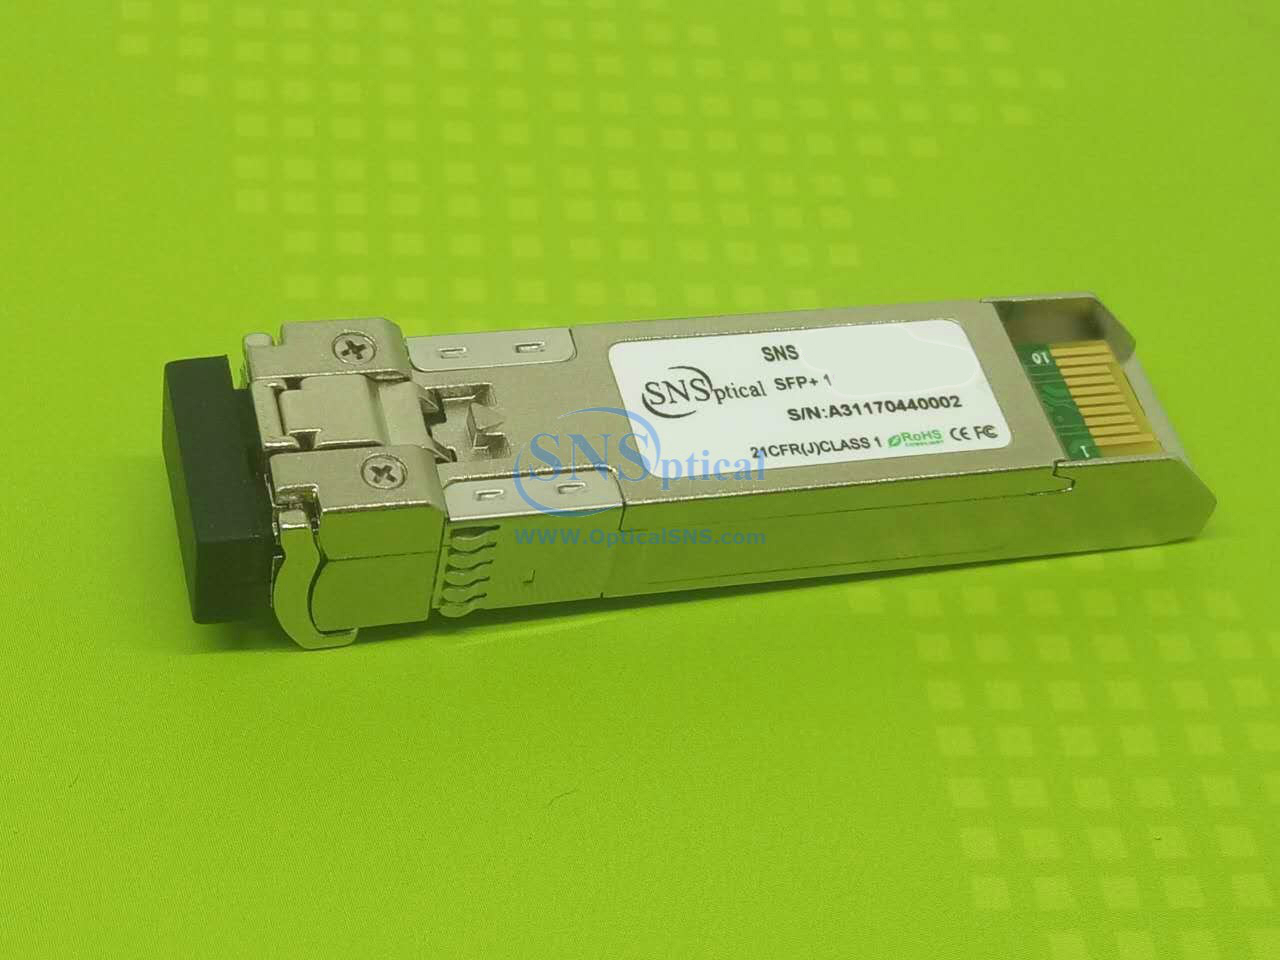 New Cisco SFP-10G-LR Compatible 10GBASE-LR SFP+ 1310nm 10km DOM Transceiver